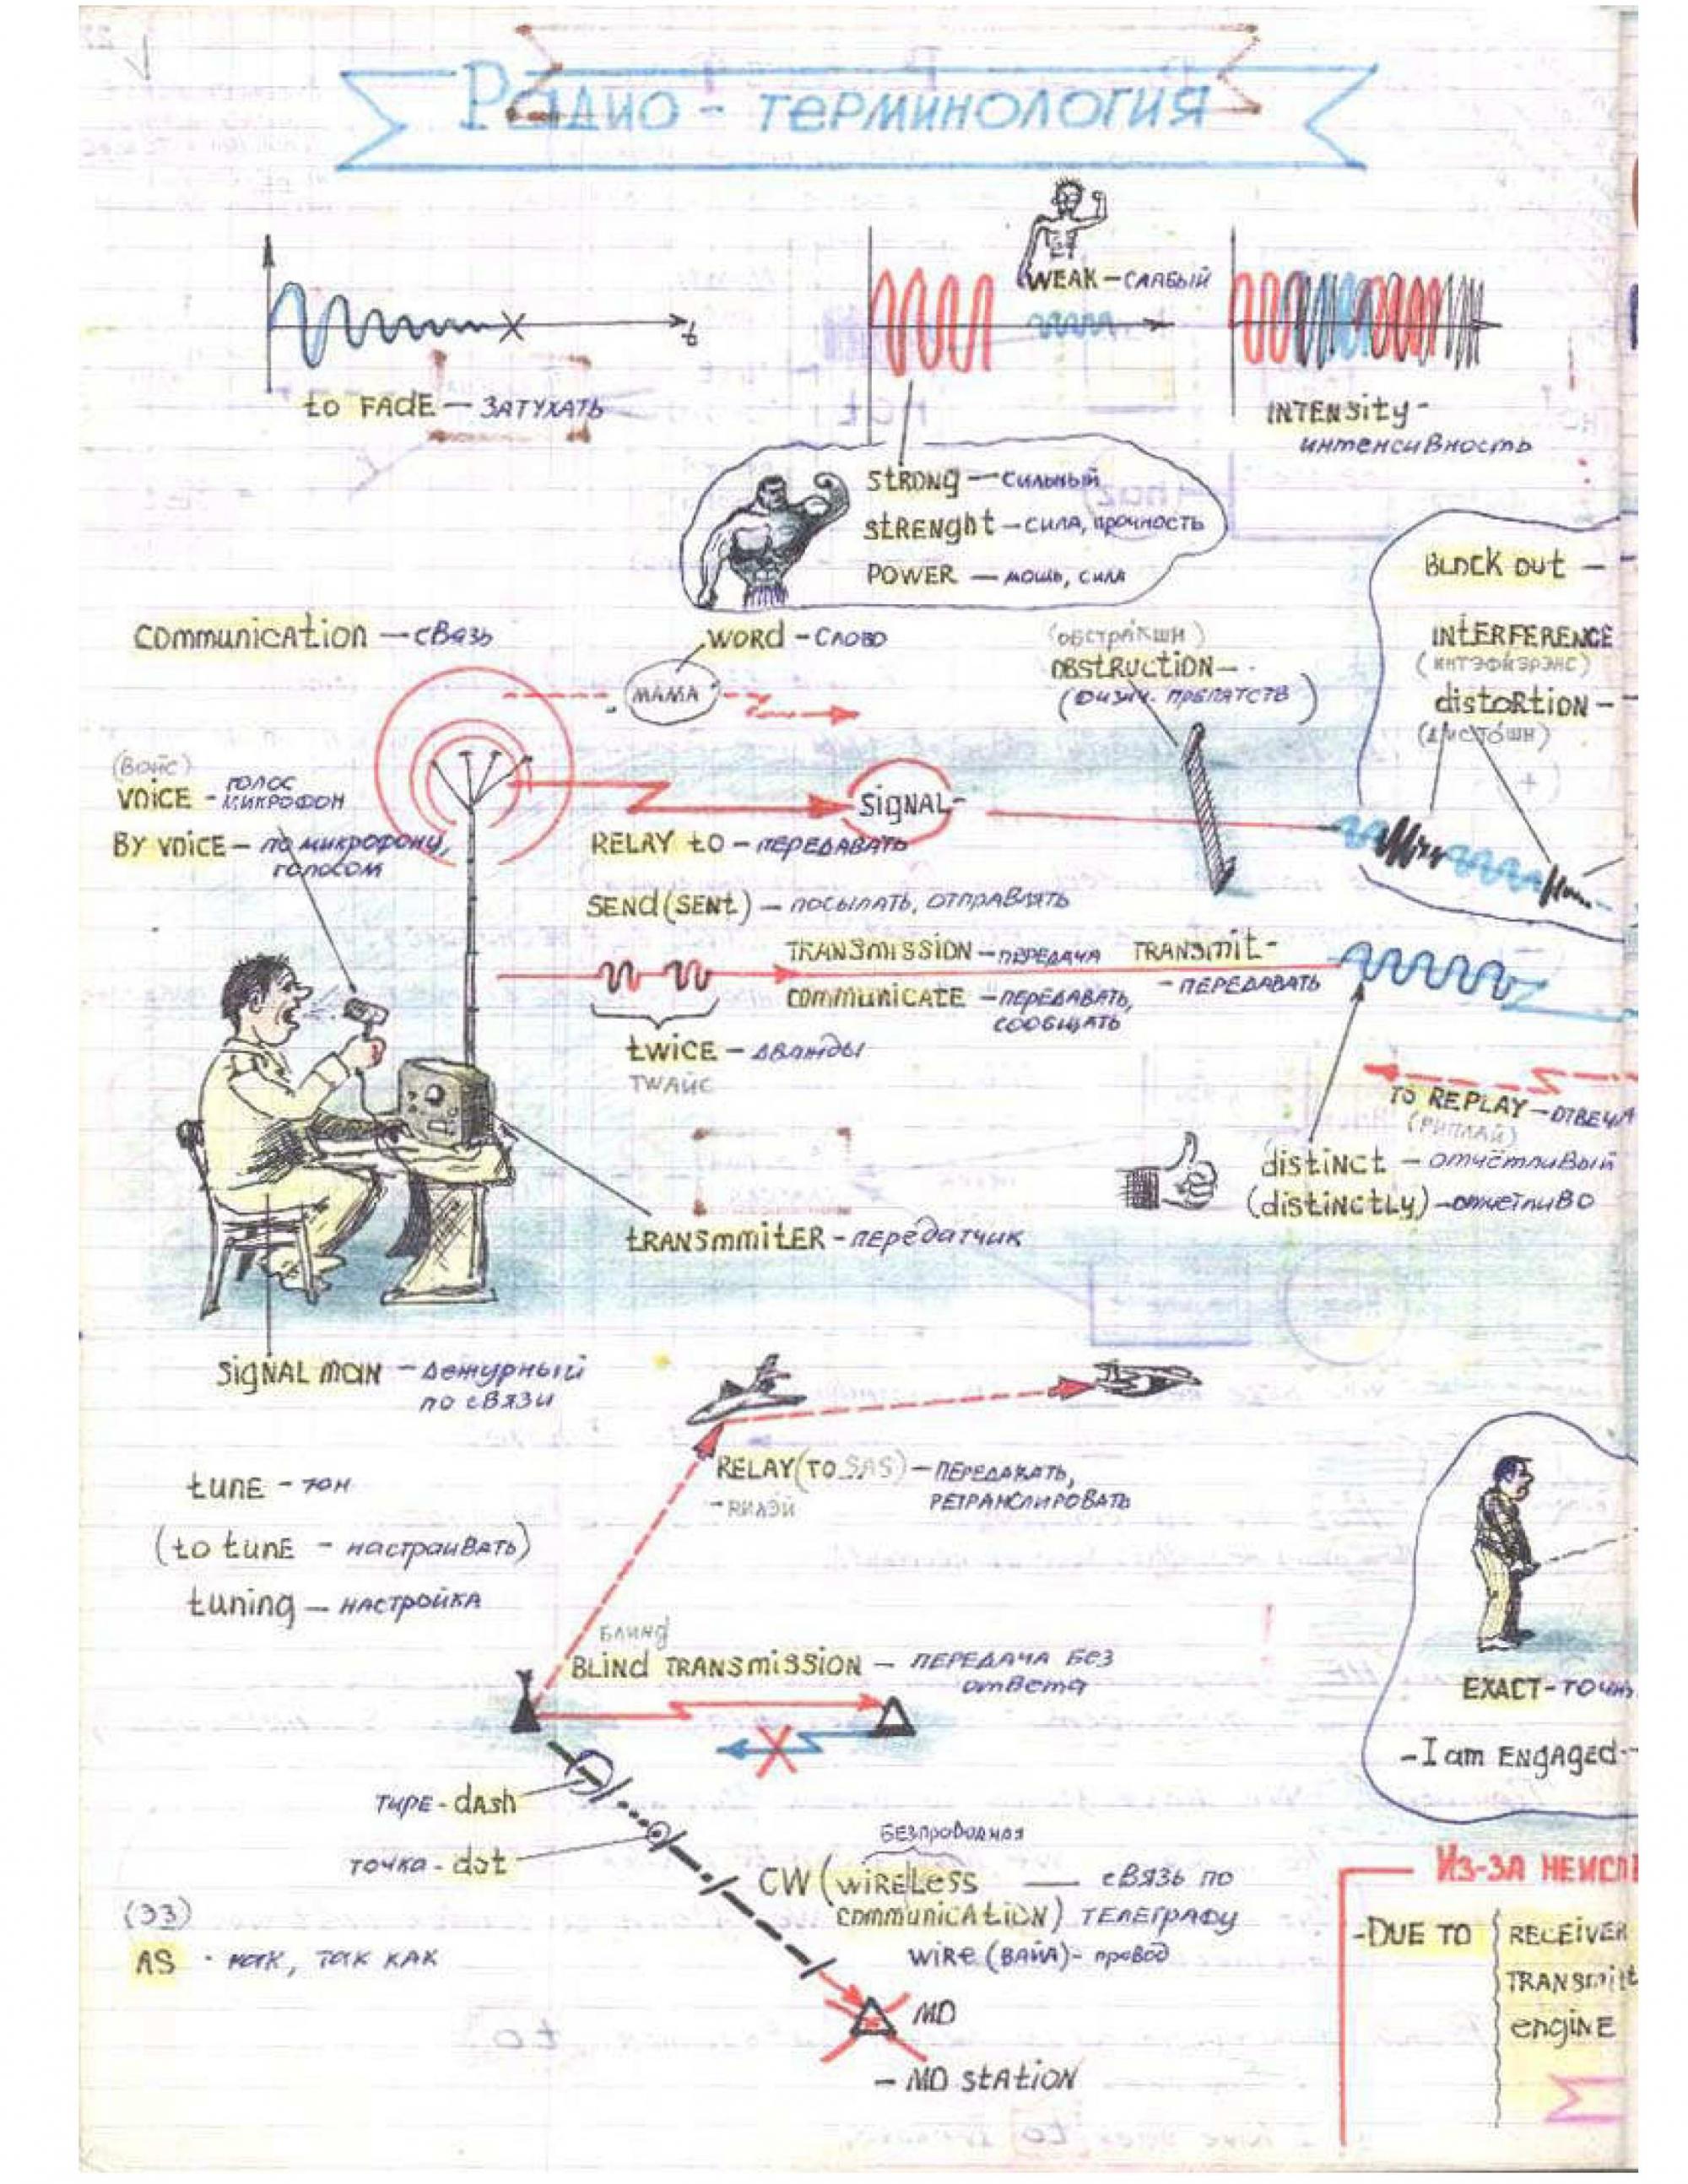 описание авиационной картинки на английском этот документ